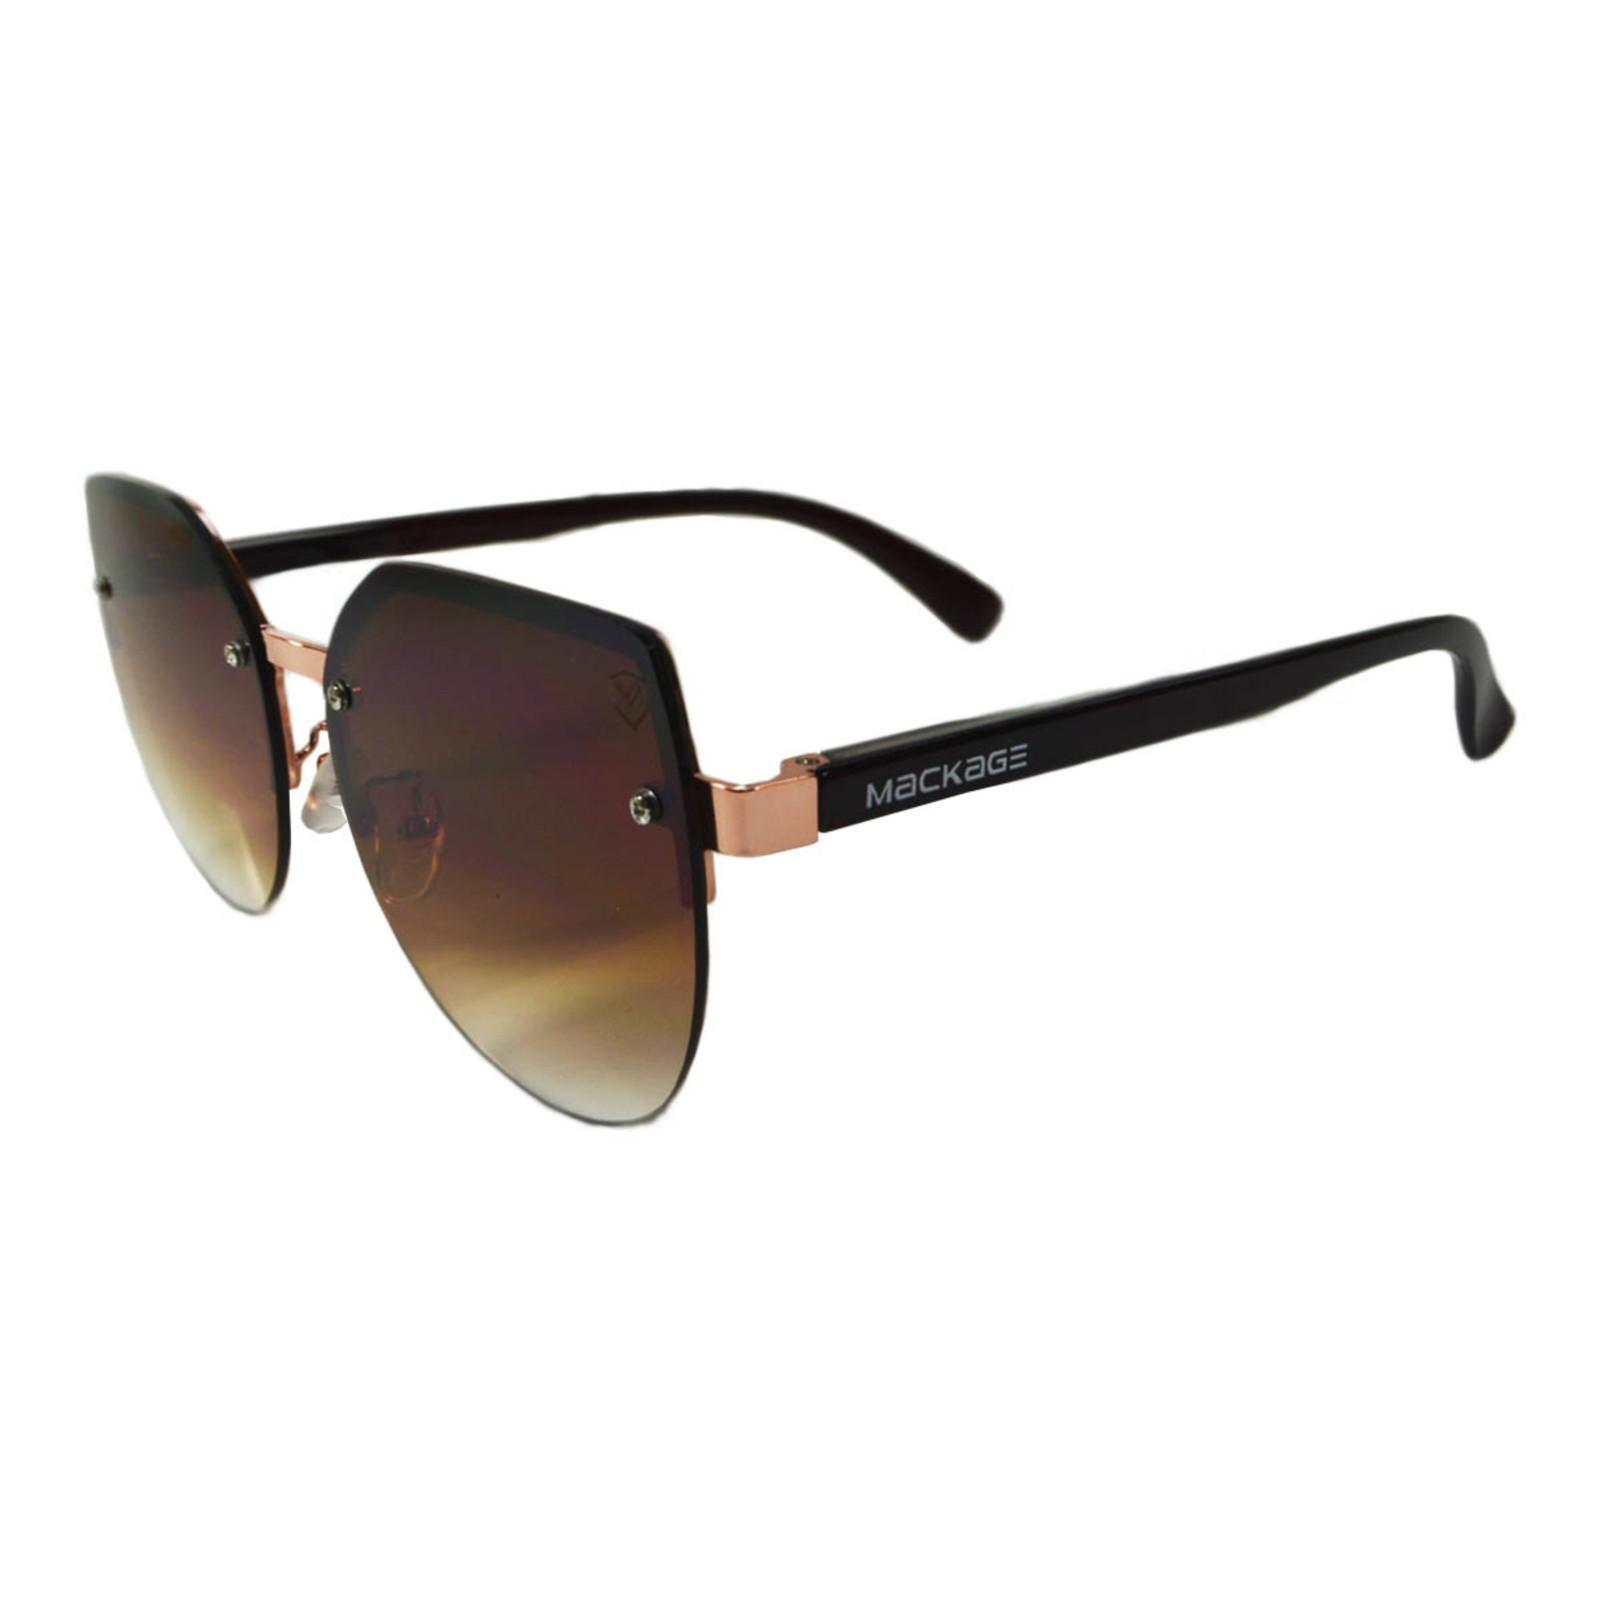 Óculos De Sol Mackage Feminino Acetato Gateado Rimless - Marrom